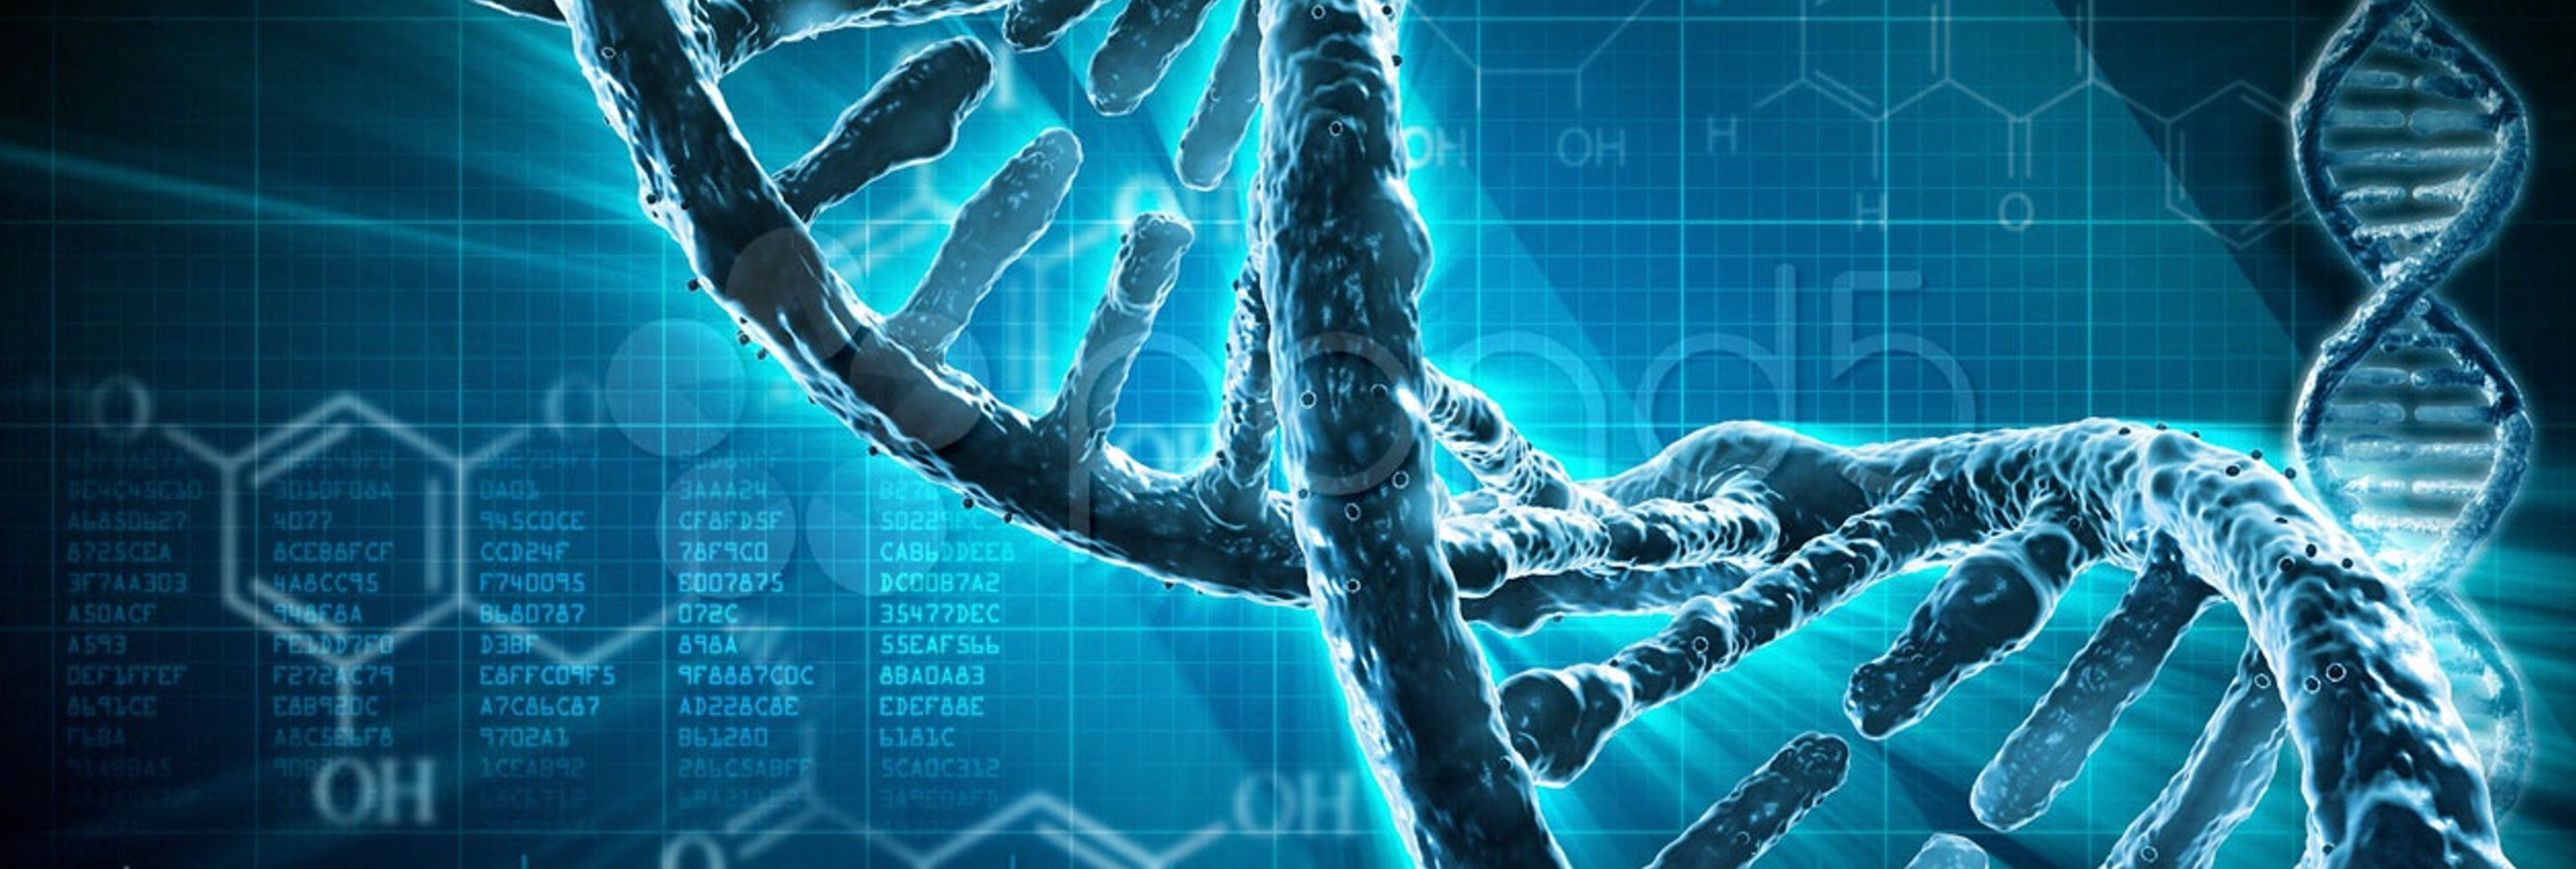 El creador del kit de automodificación genética en casa ahora se arrepiente